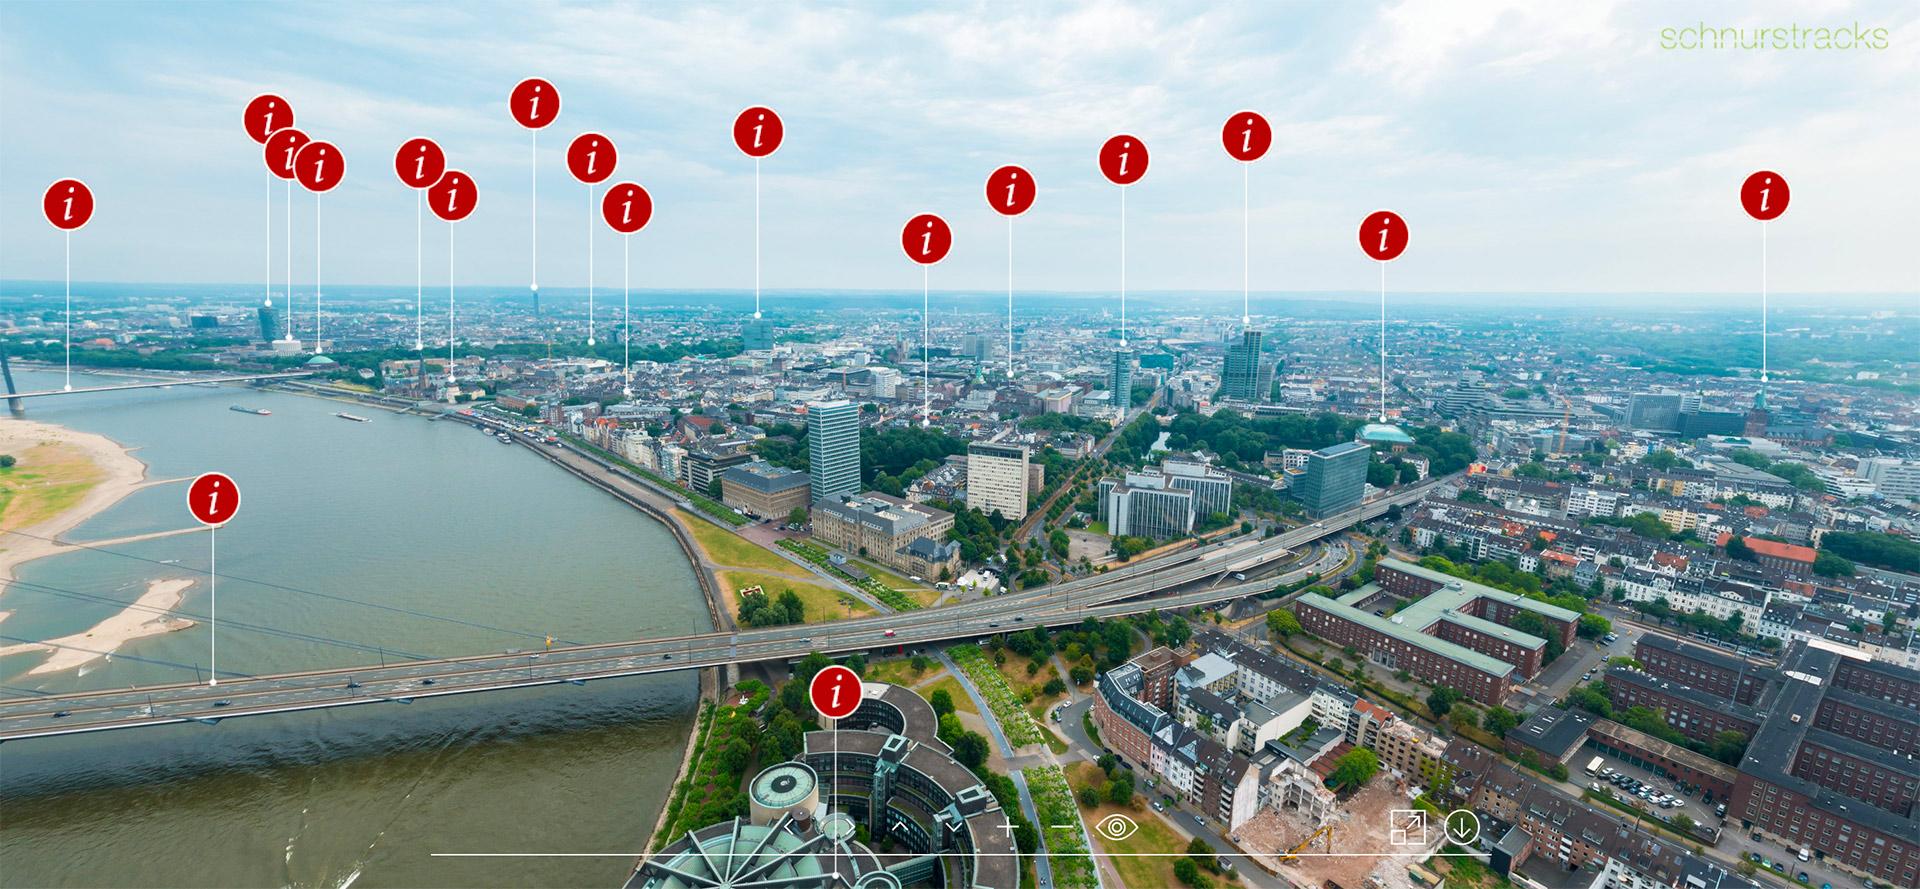 Düsseldorf Panorama mit Informationen zu Bauwerken - krpano Programmierung